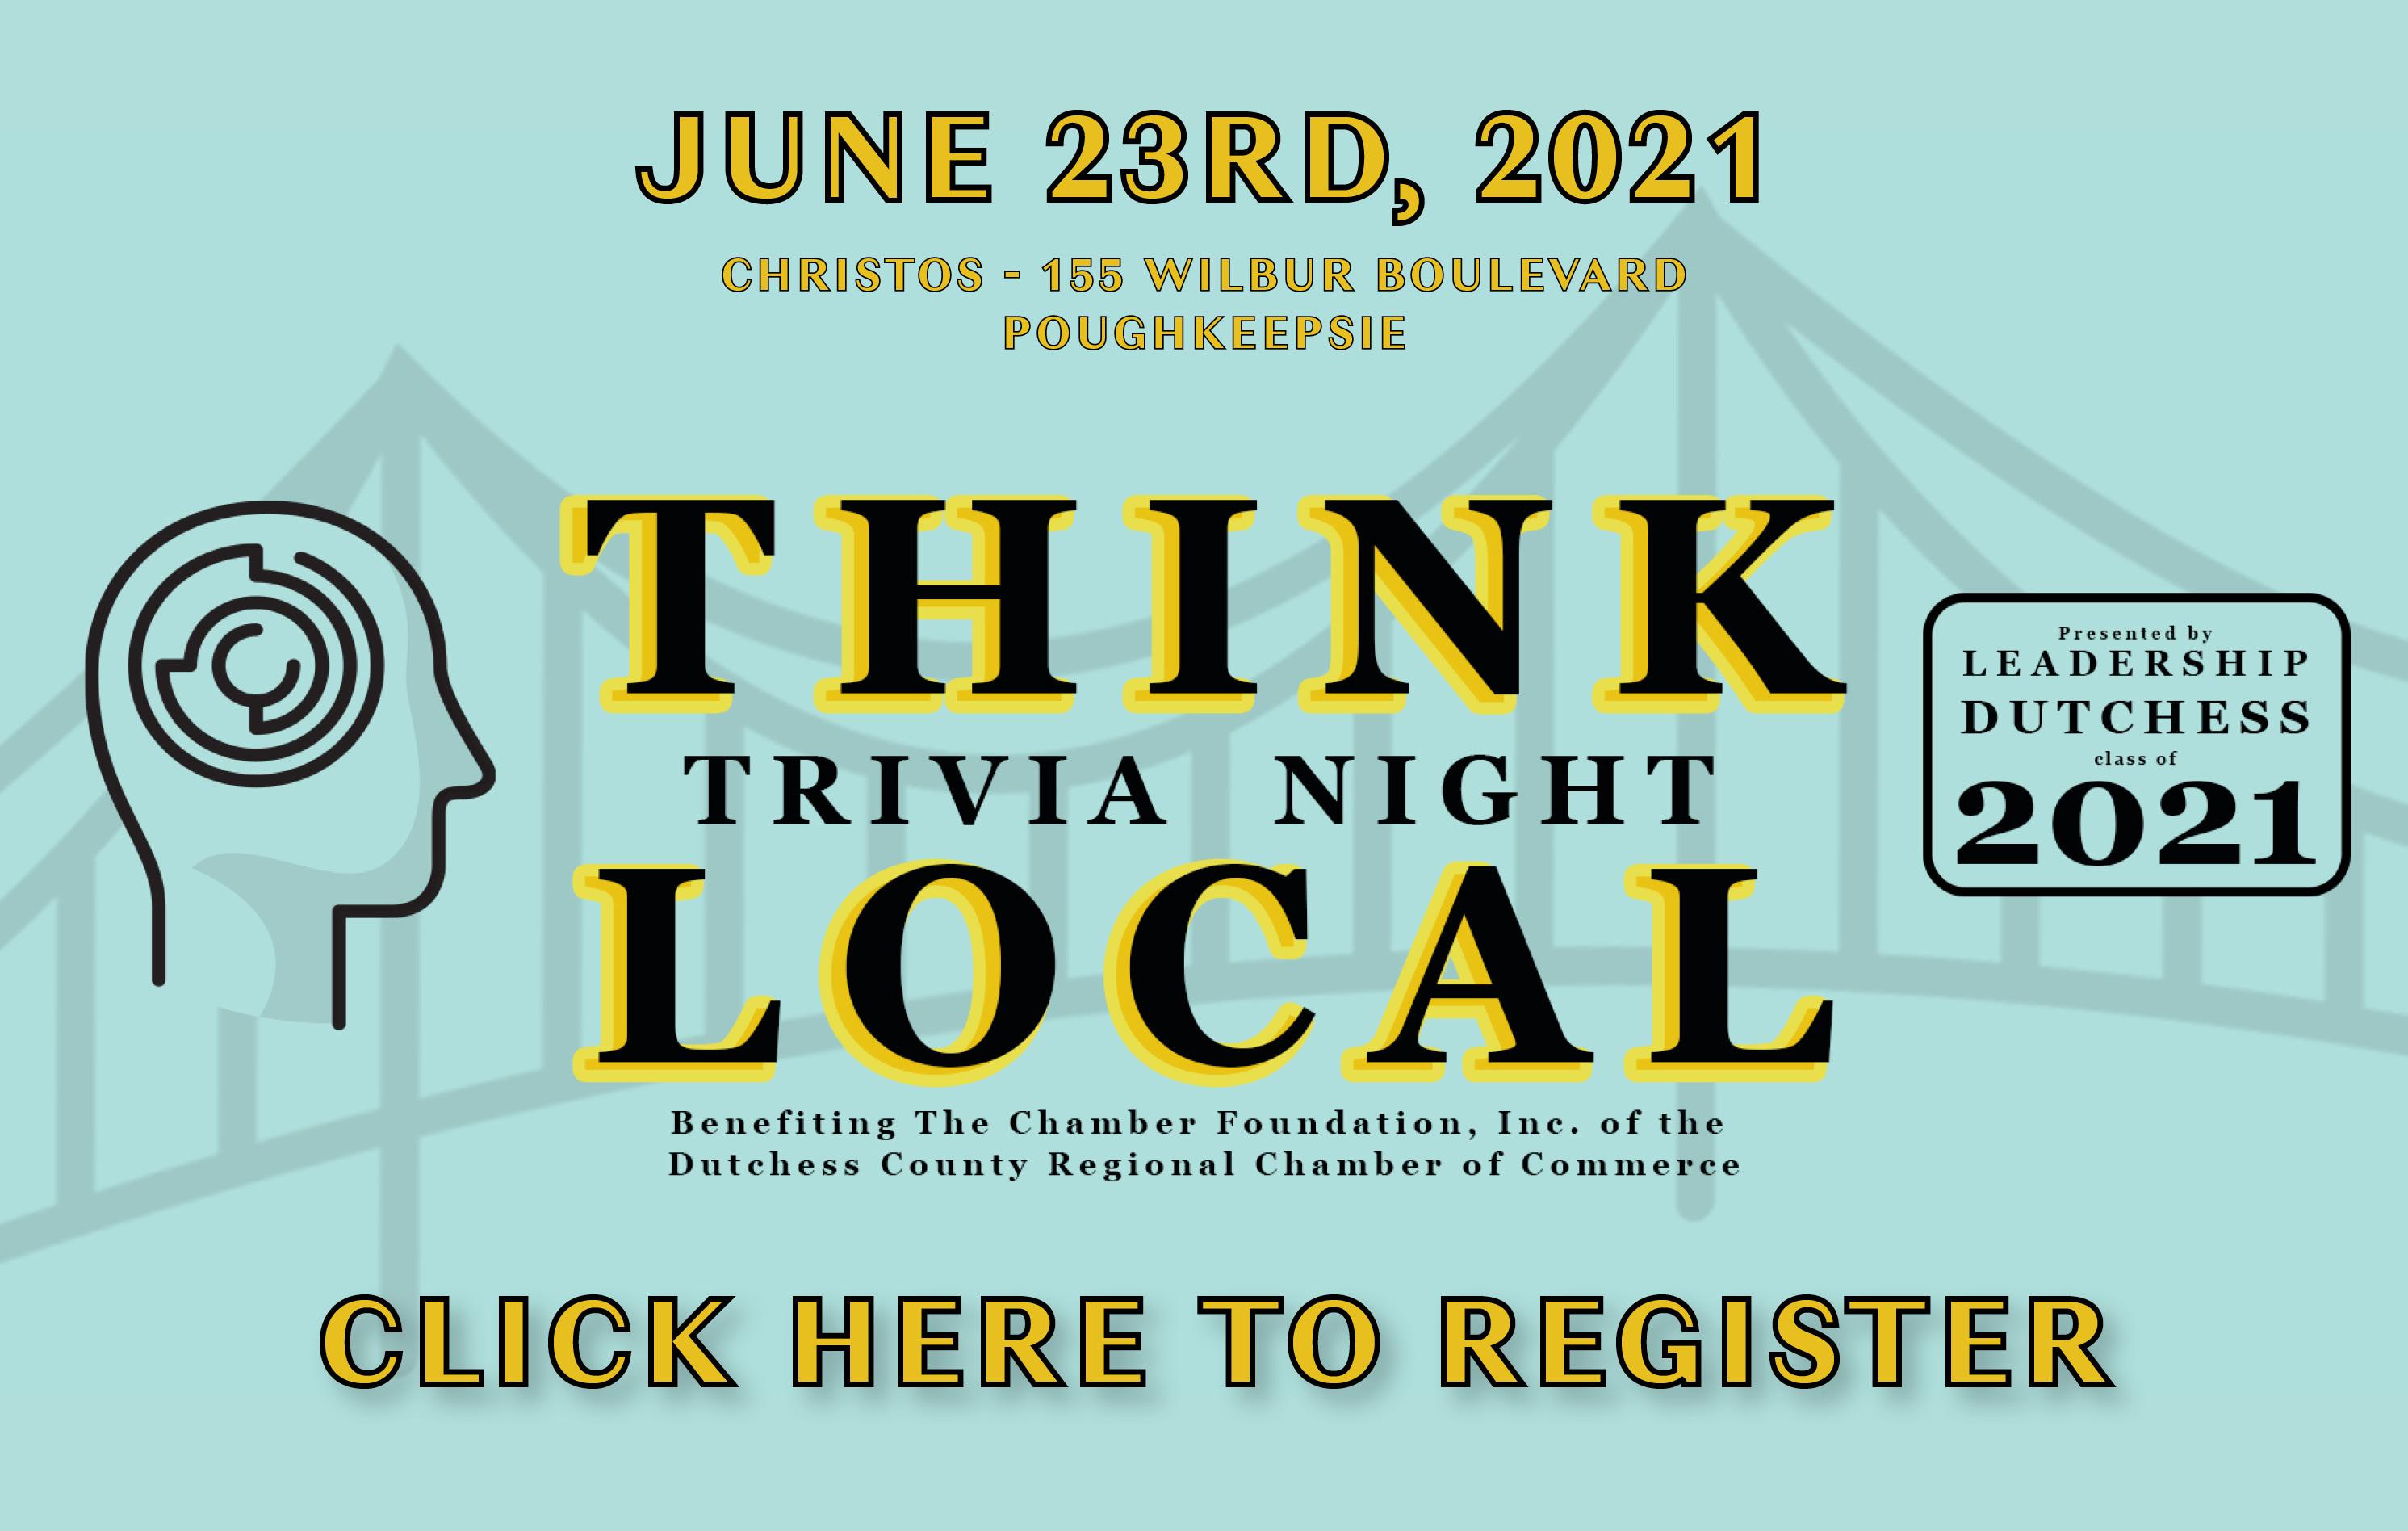 Trivia-night-Rotator---register.jpg